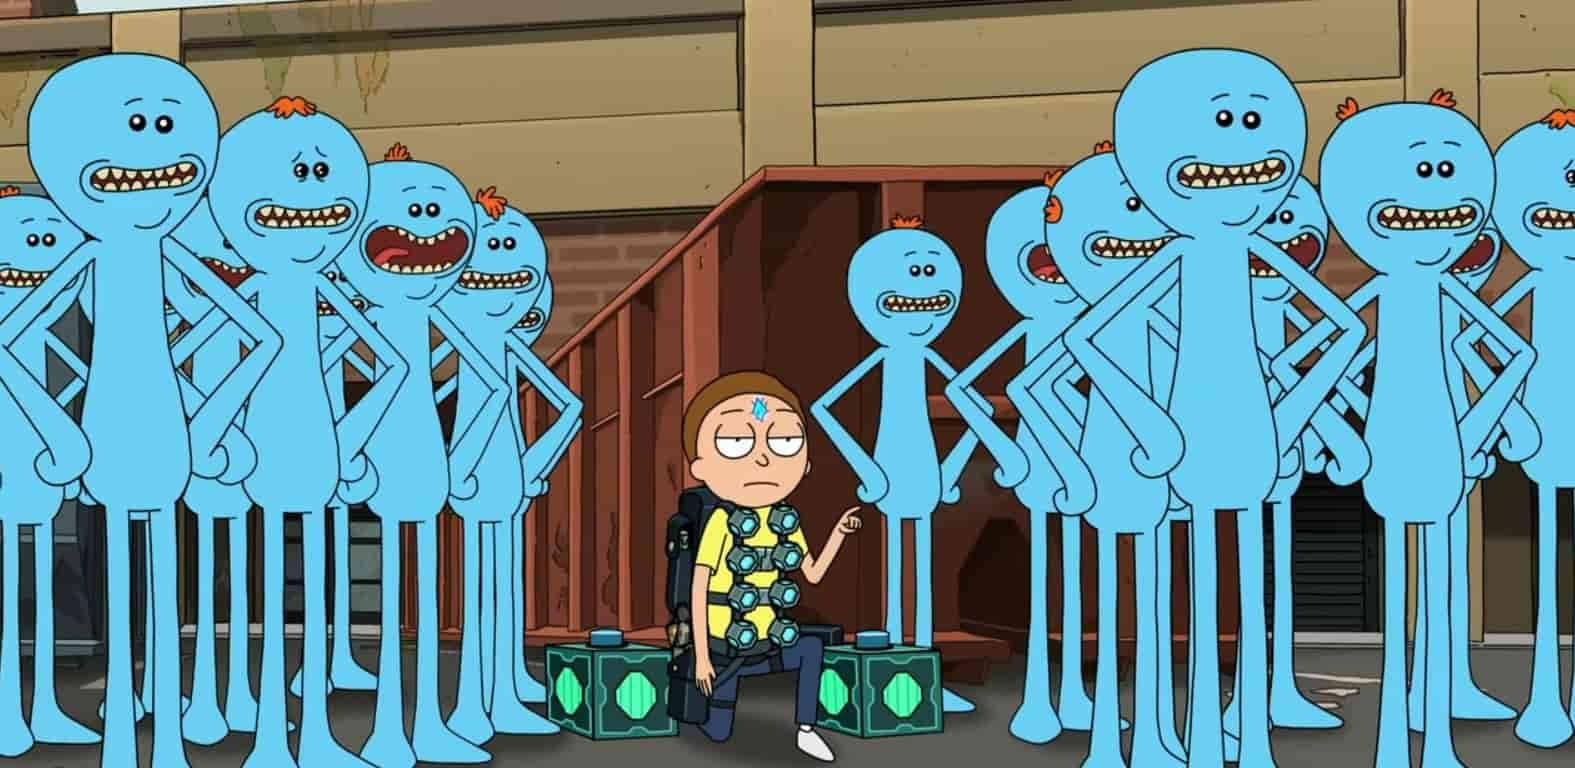 بررسی قسمت اول فصل چهارم Rick and Morty